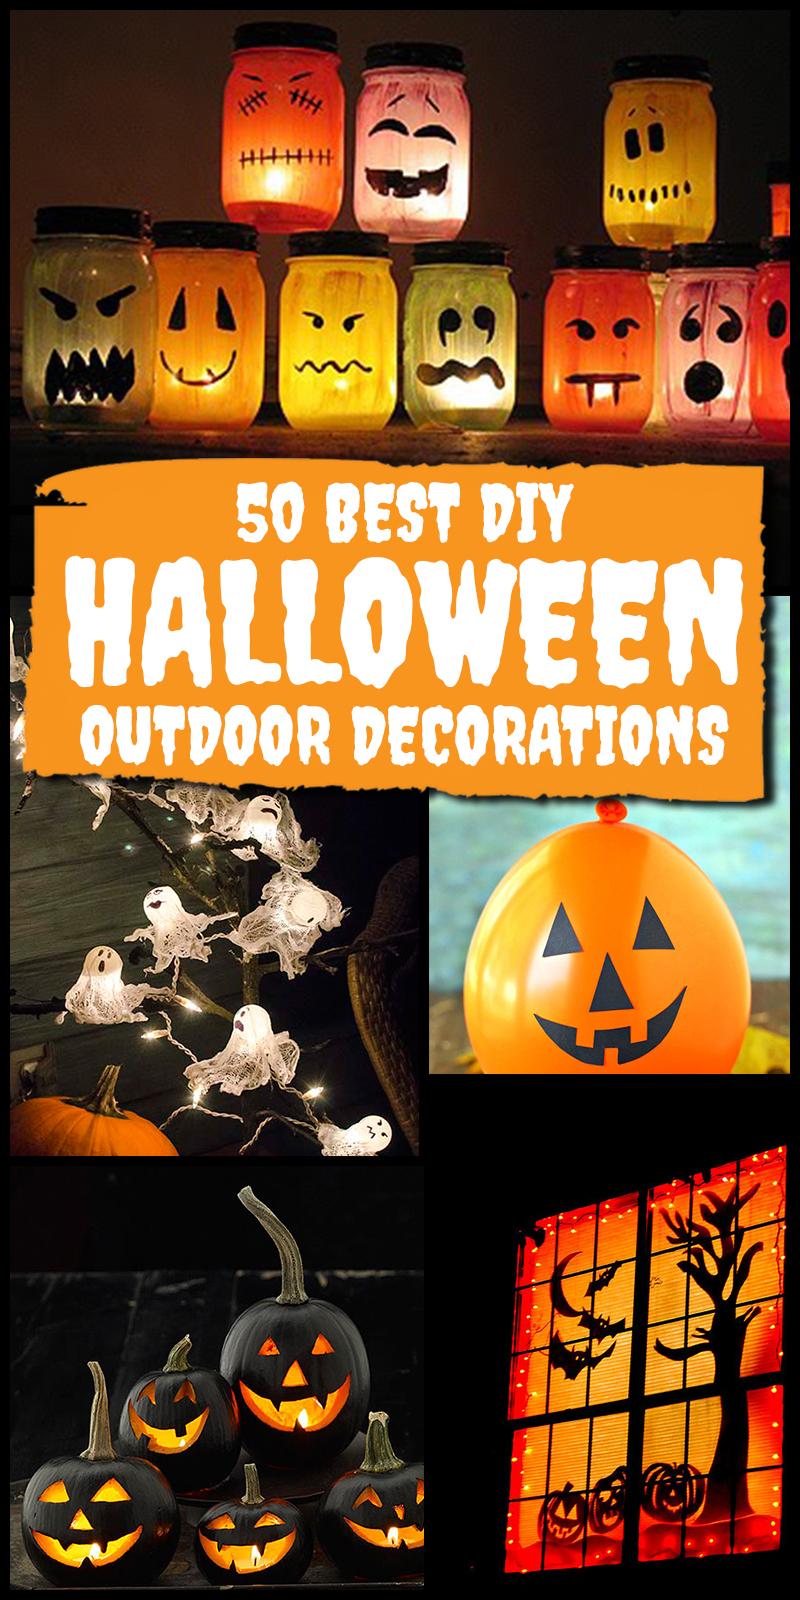 50 best diy outdoor halloween decorations — Homebnc